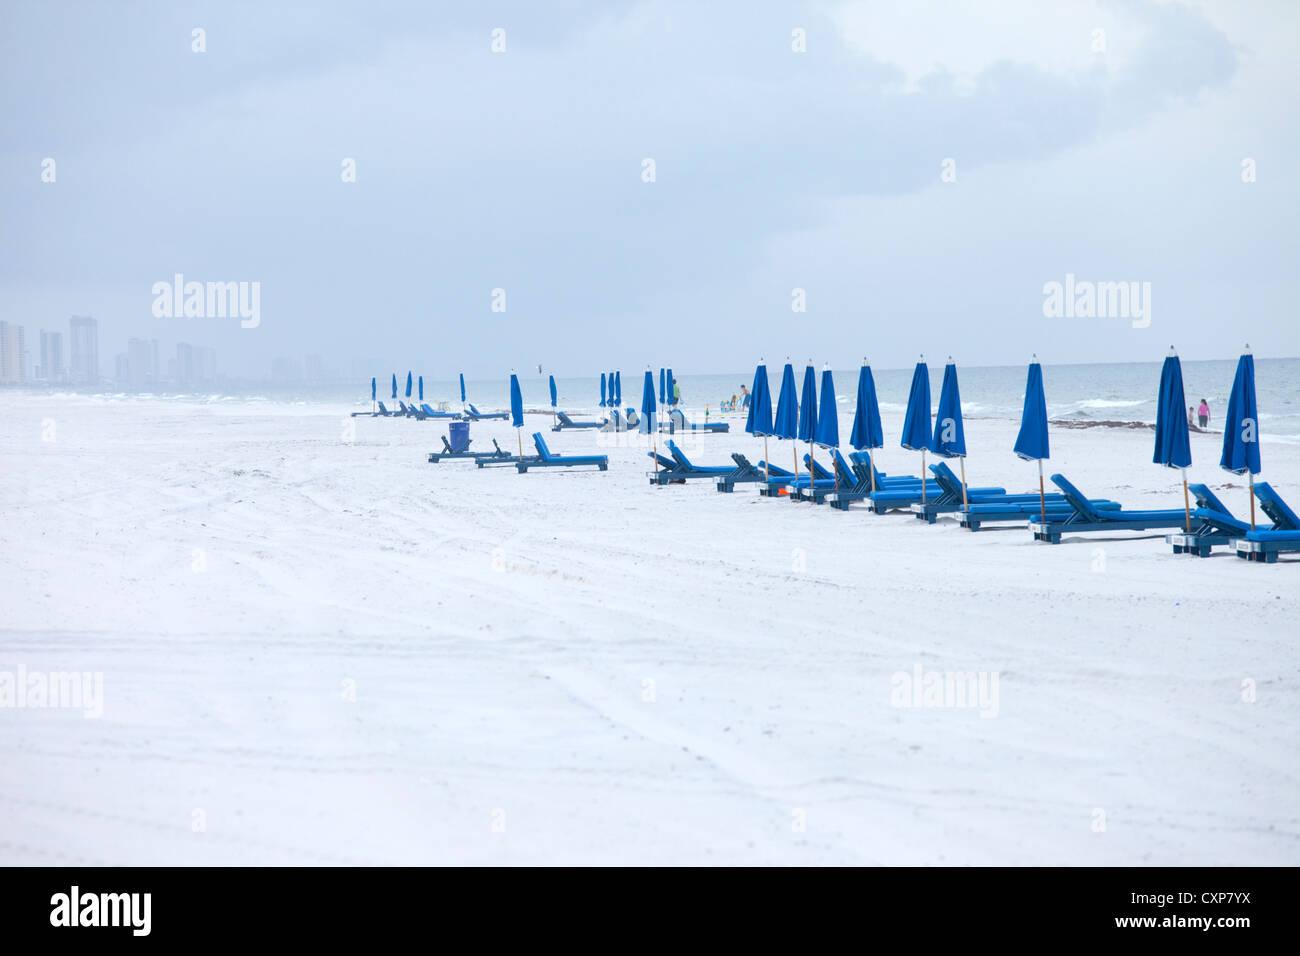 Liegestühle und Sonnenschirme am Strand im Winter, Panama City, Florida Stockbild